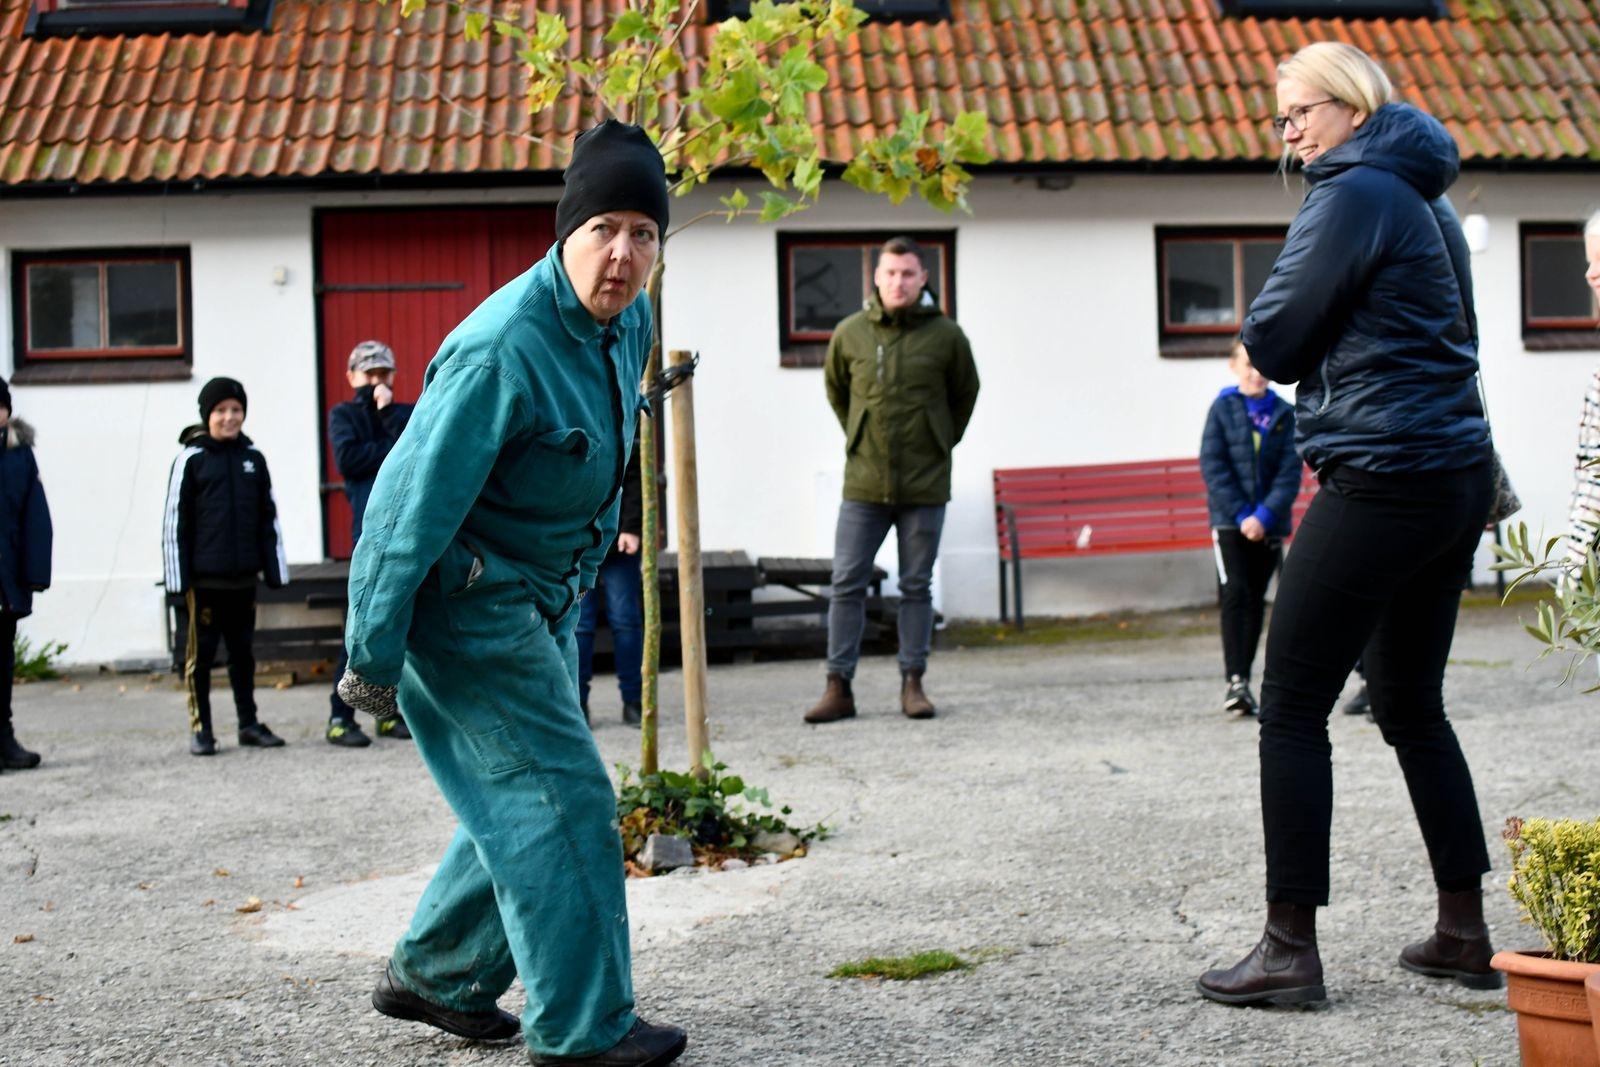 Äventyret startade redan på teaterns innergård där eleverna från Simrislundsskolan fick stifta bekantskap med karaktärerna i föreställningen.